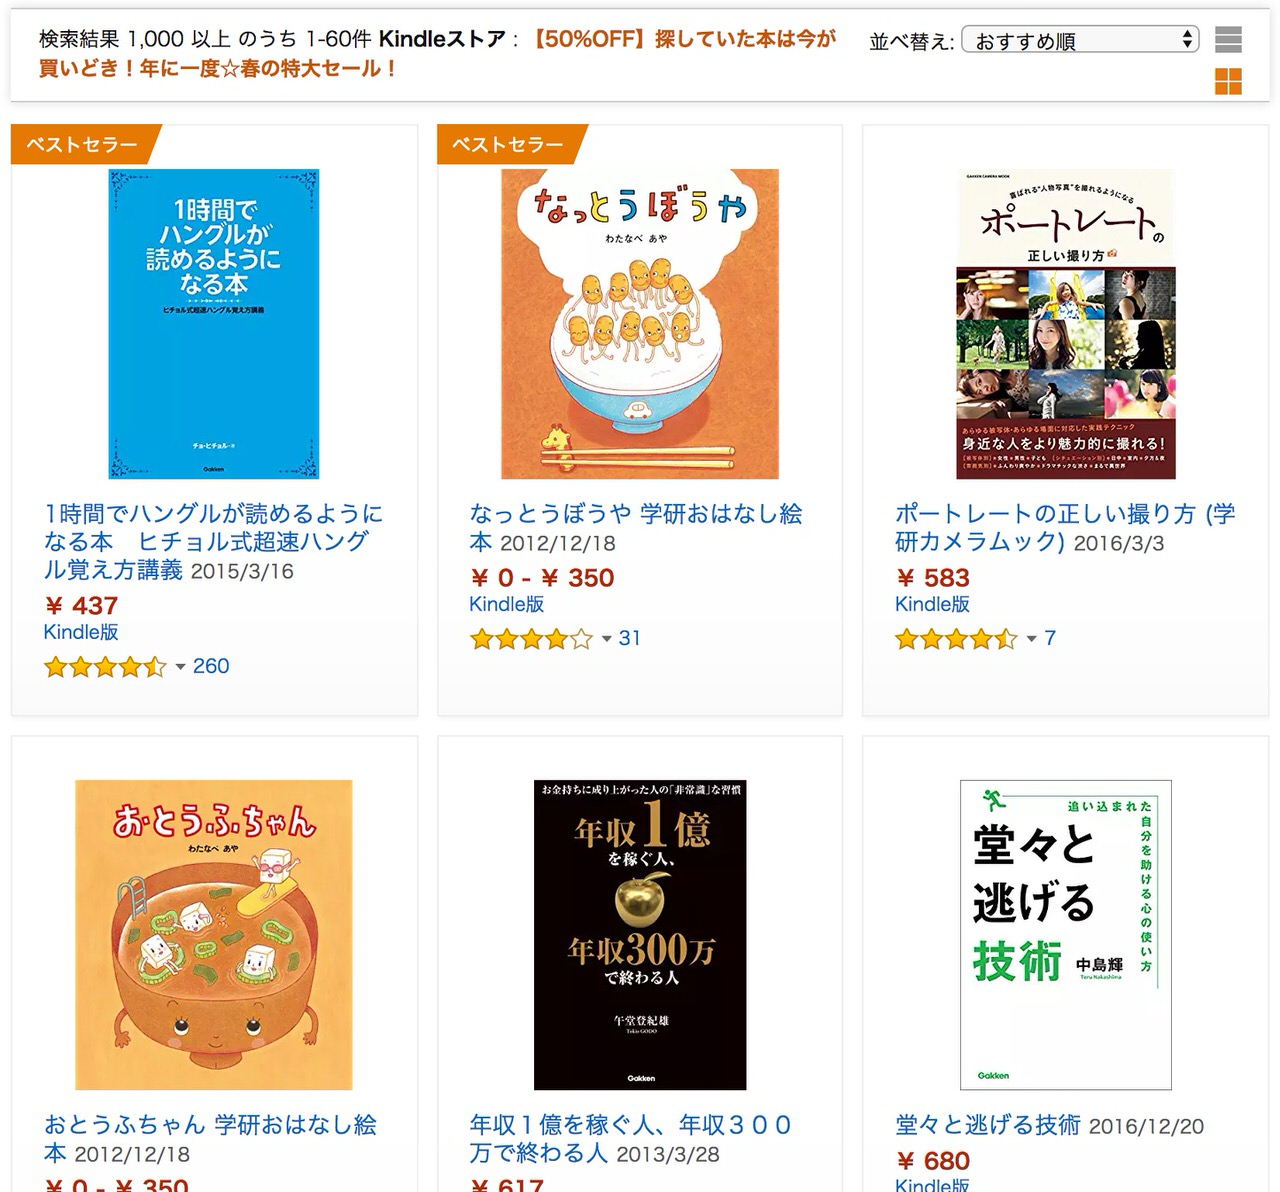 【Kindleセール】50%OFF「探していた本は今が買いどき!年に一度☆春の特大セール!」(3/22まで)